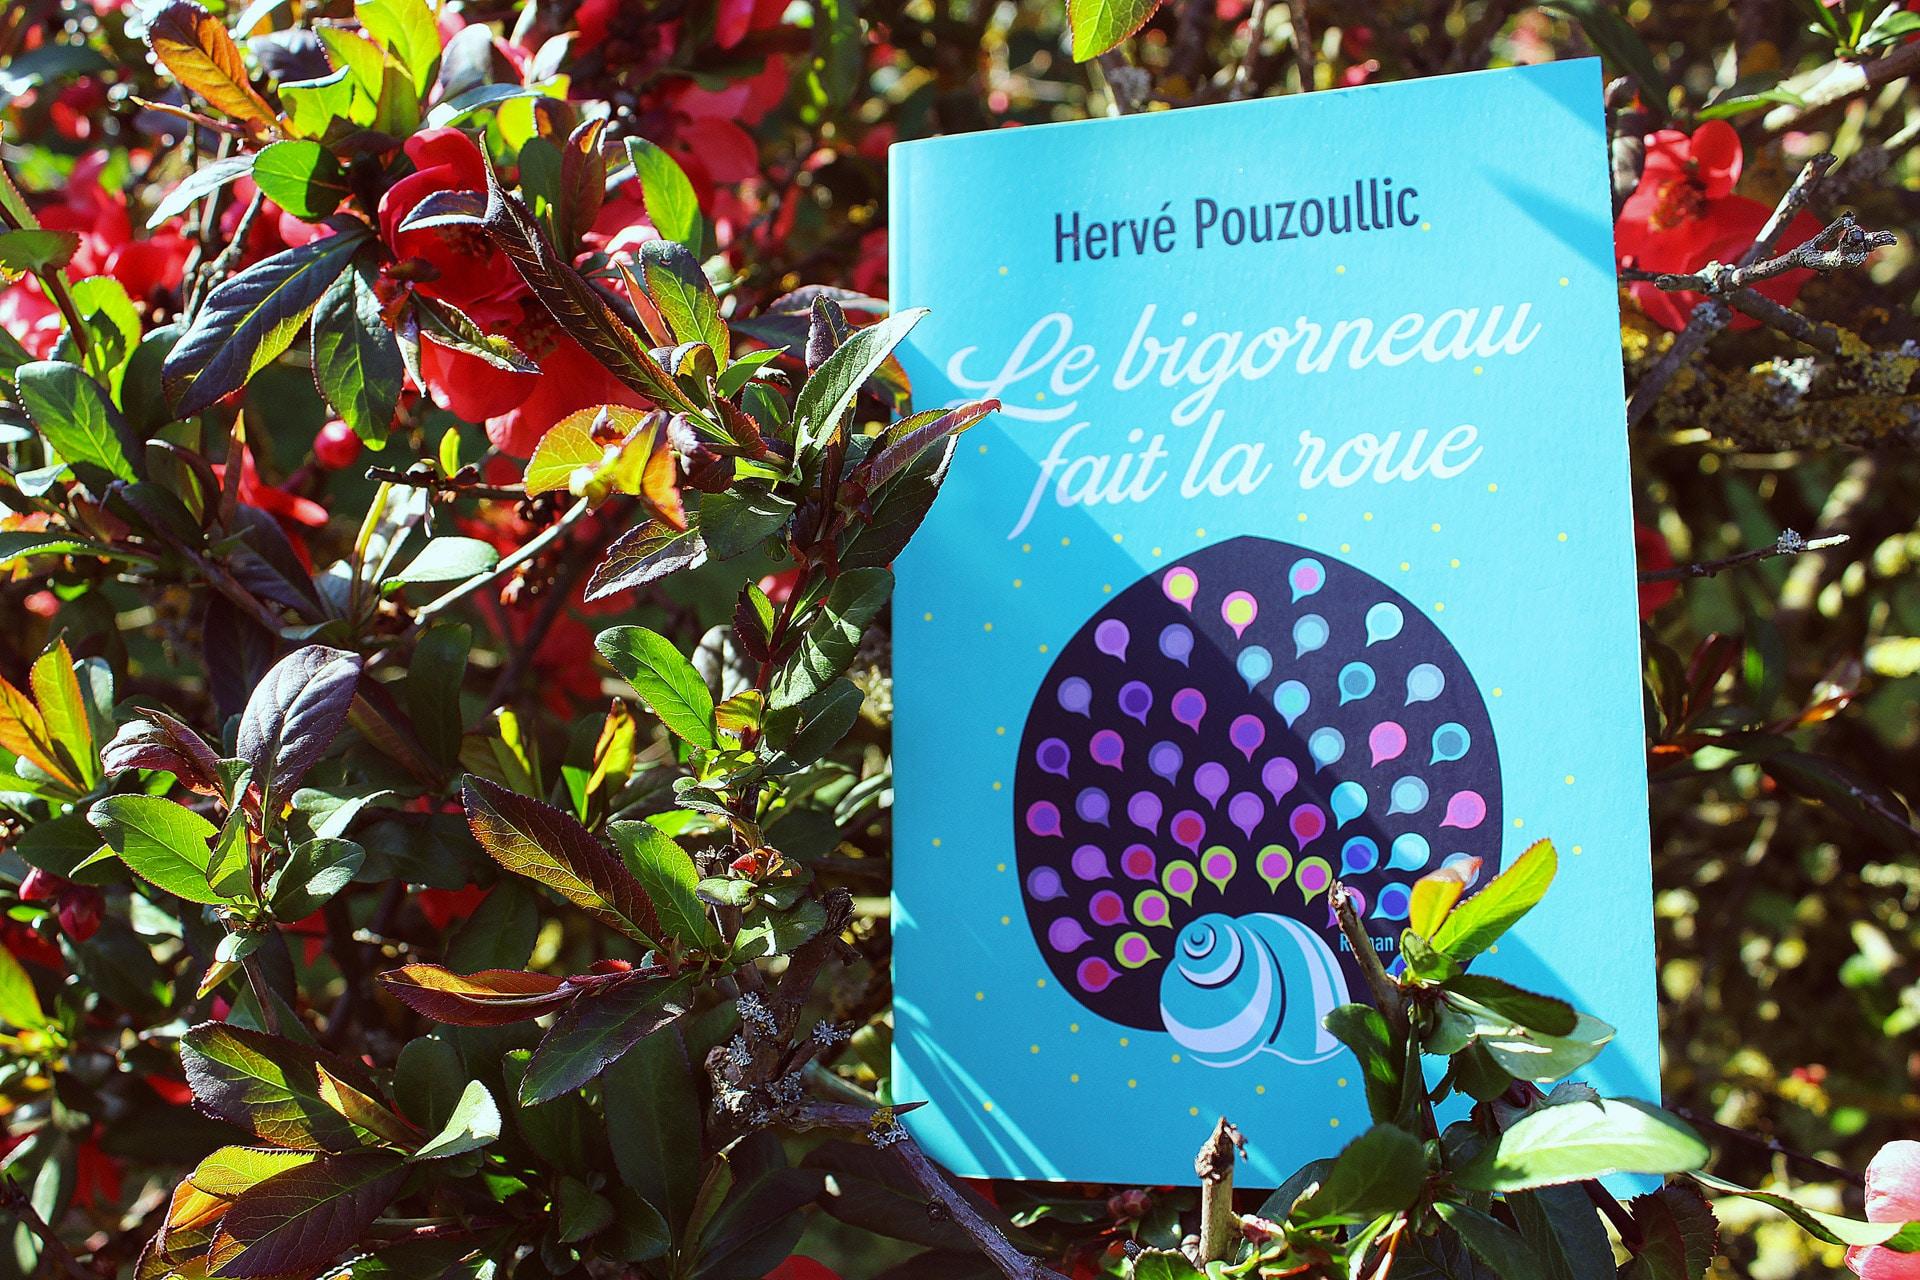 Le bigorneau fait la roue – Hervé Pouzoullic